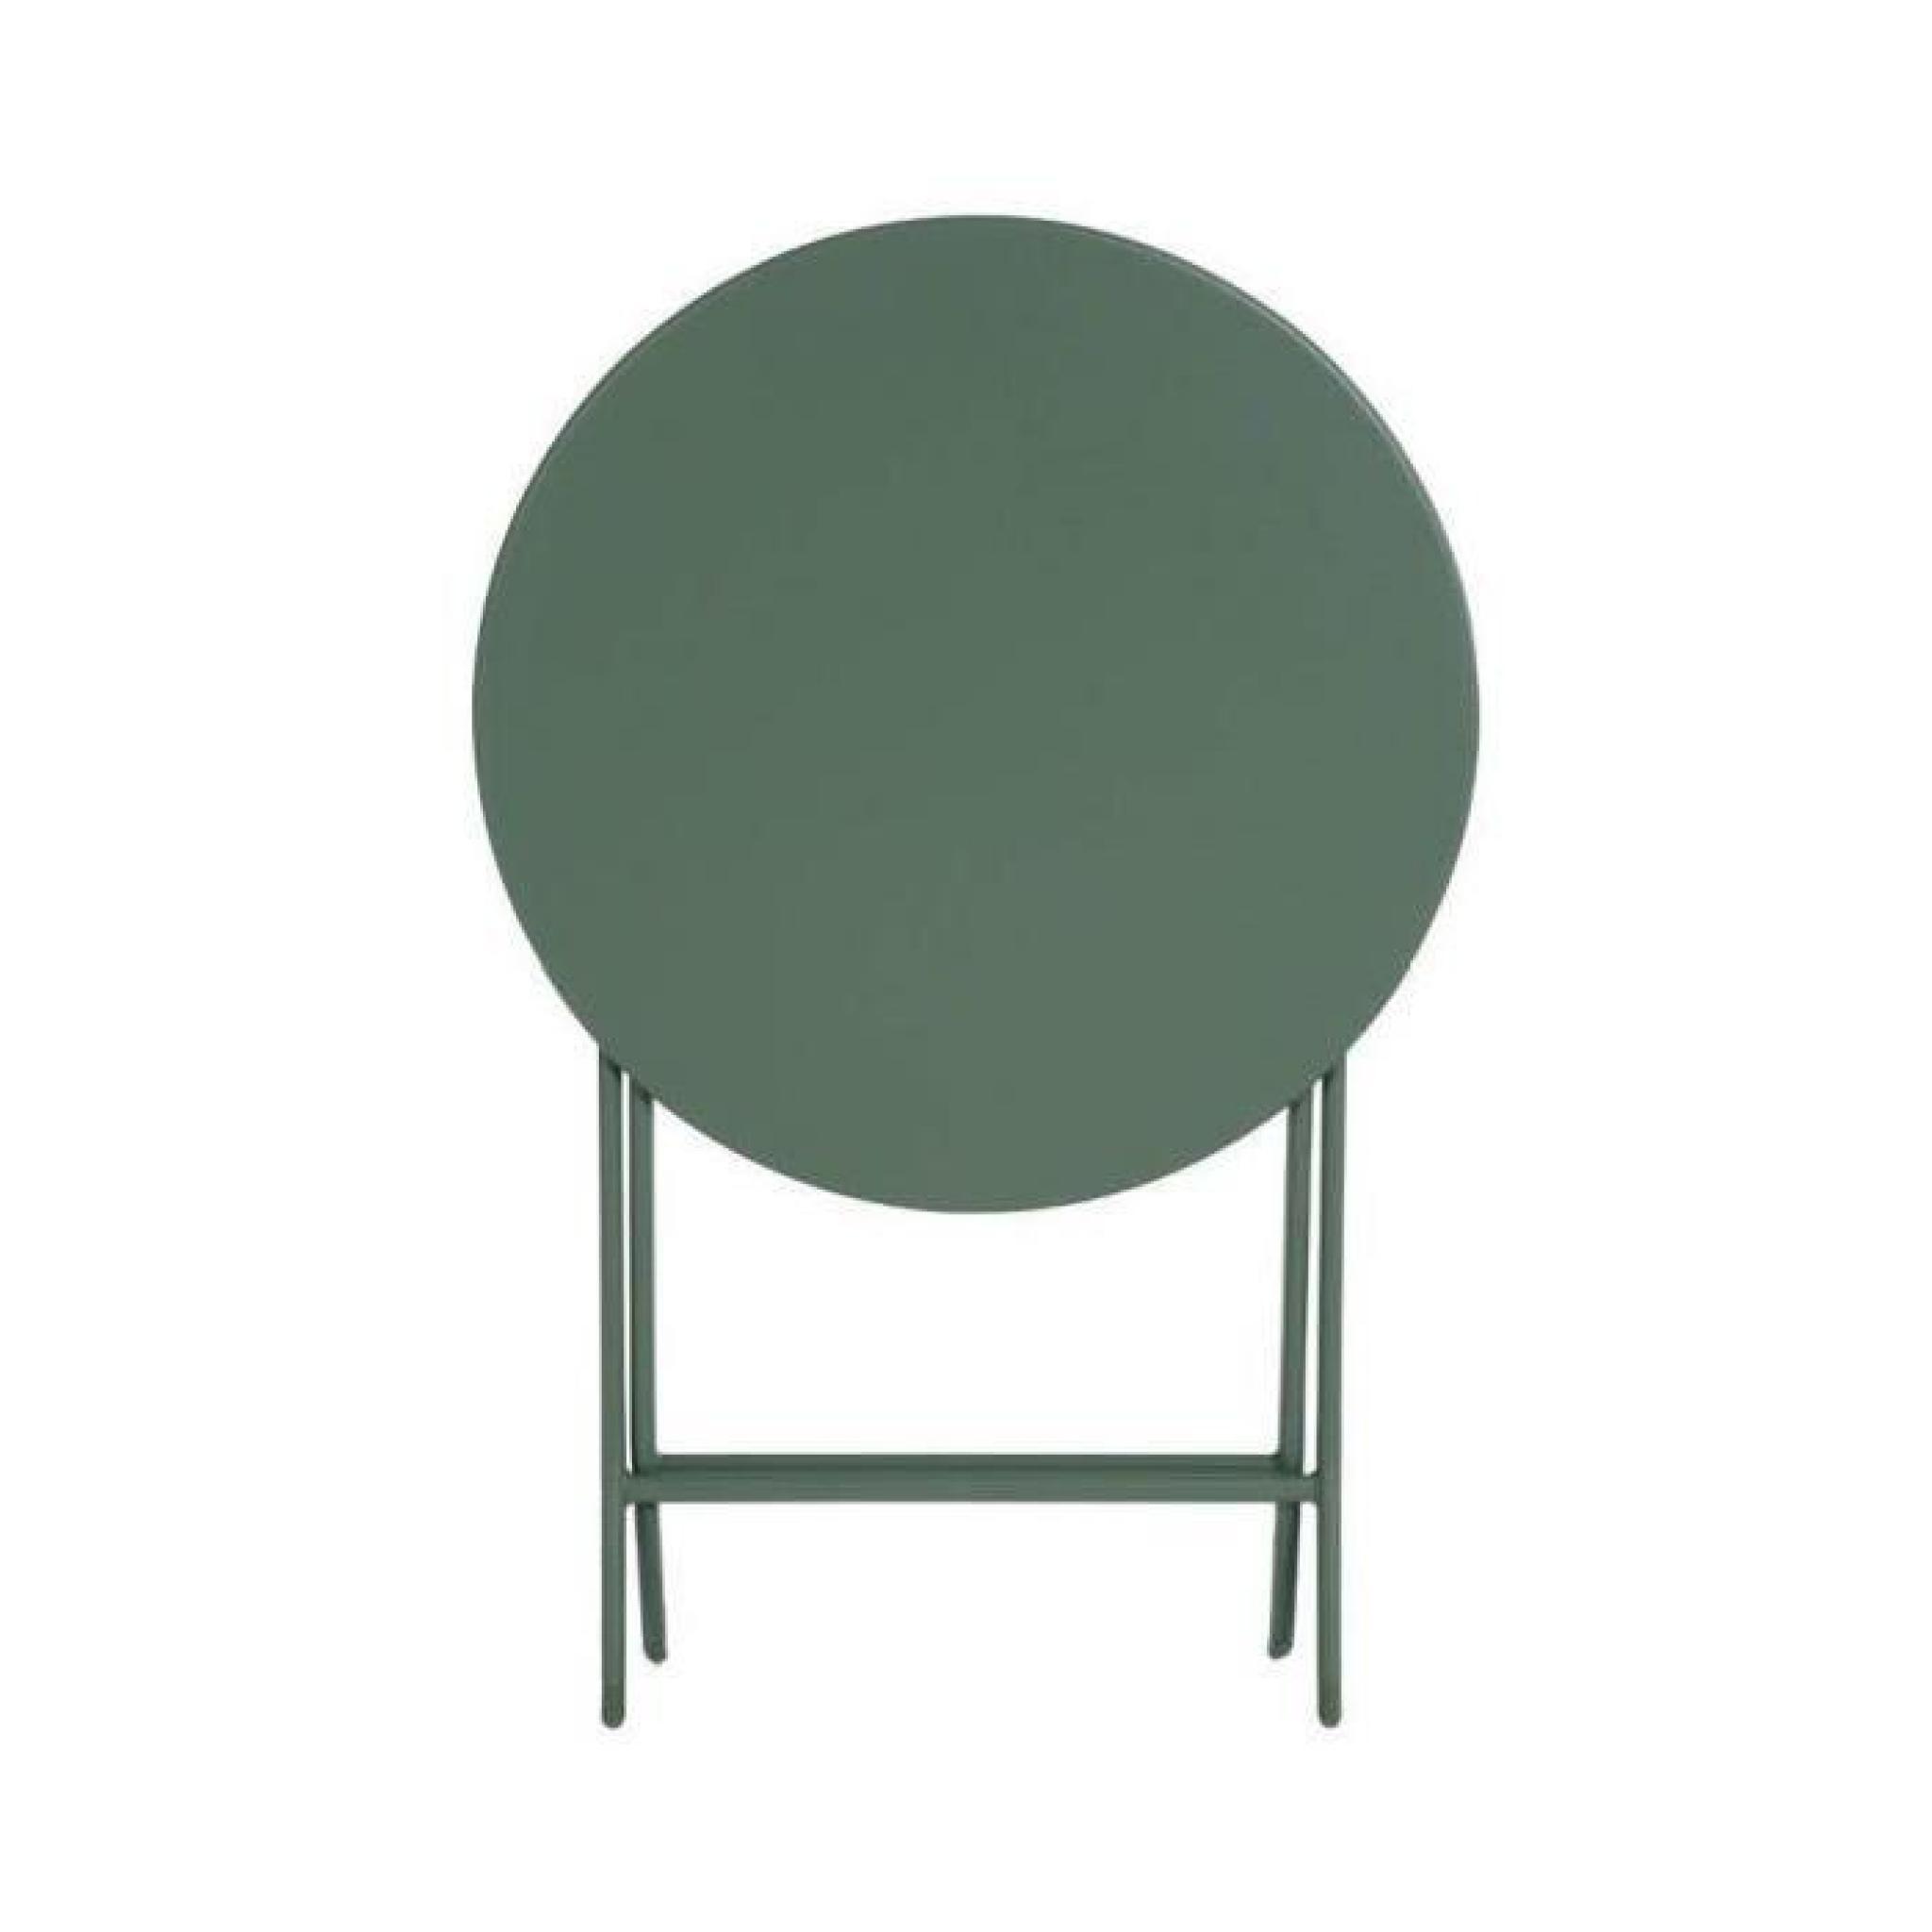 TABLE PLIANTE GREENSBORO HESPERIDE RONDE KAKI